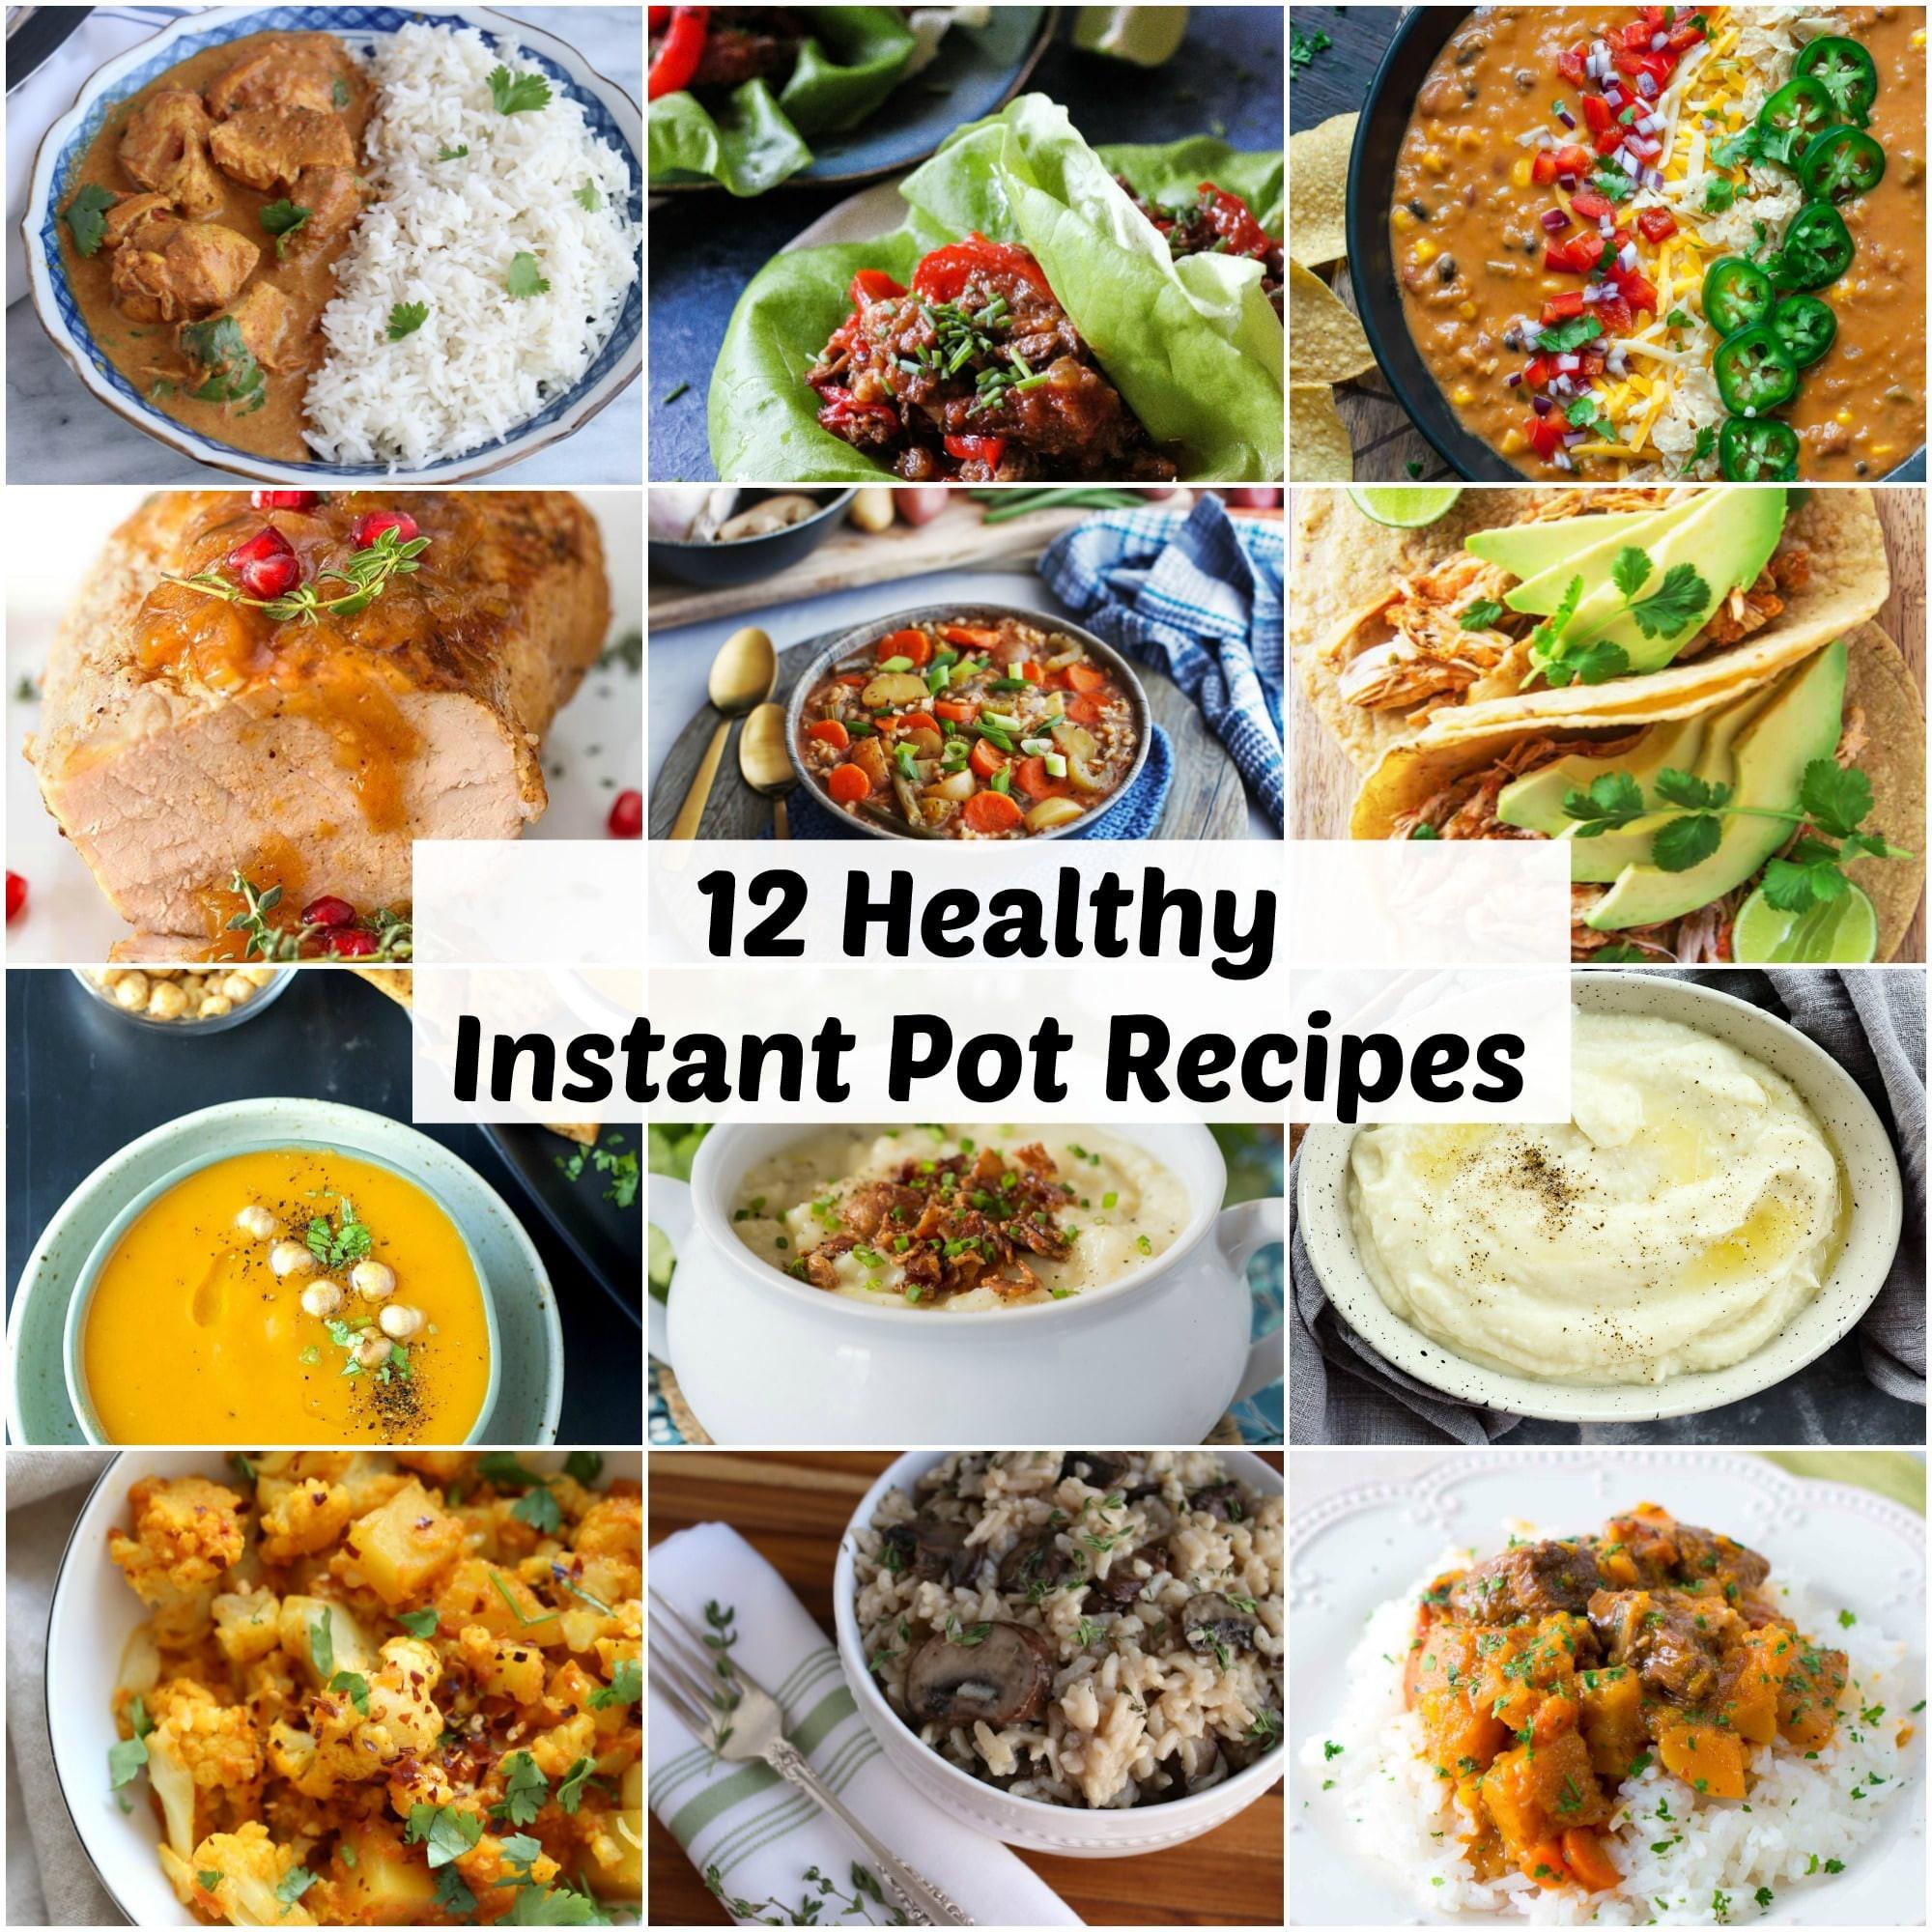 Best Instant Pot Recipes Healthy  12 Healthy Instant Pot Recipes